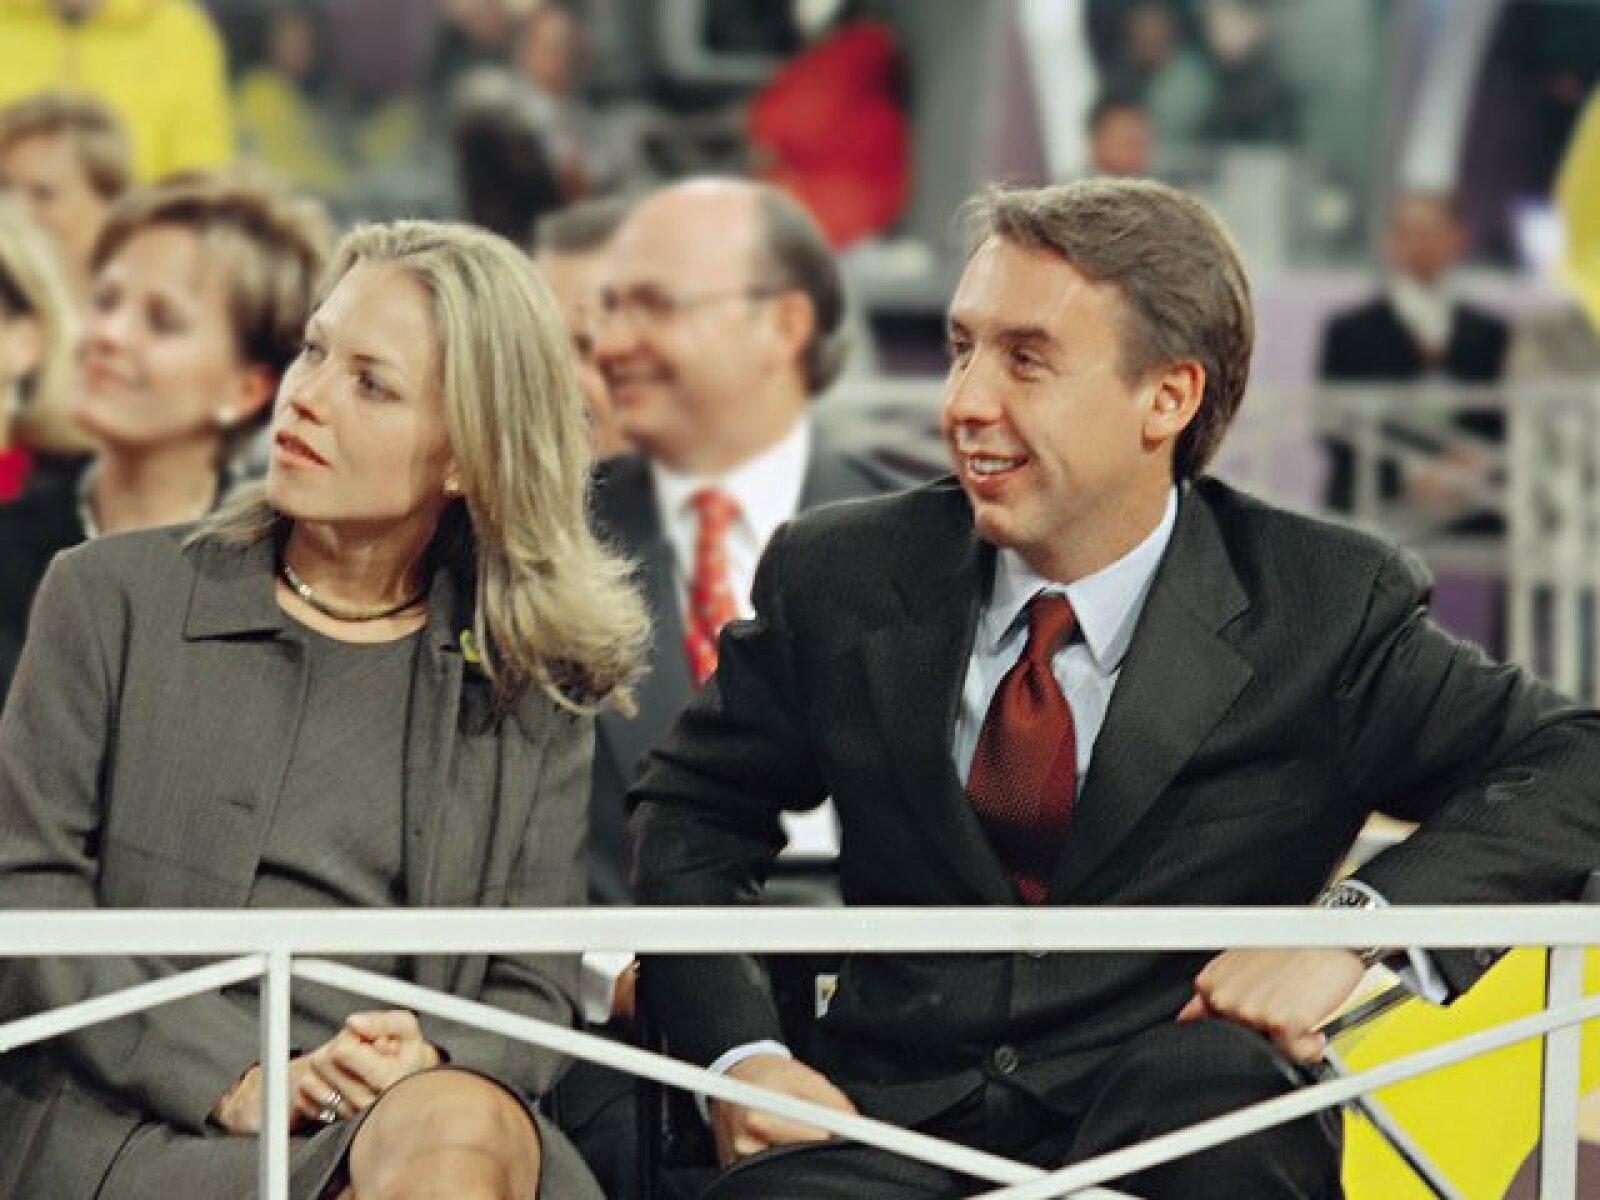 Emilio Azcarraga Jean y Alejandra de Cima dieron el sí el 22 de octubre de 1999 y en 2001 se divorcaron.  Ambos tienen nuevas parejas, él está casado con Sharon Fastlicht, ella entabla una relación amorosa con Olaf Petersen.